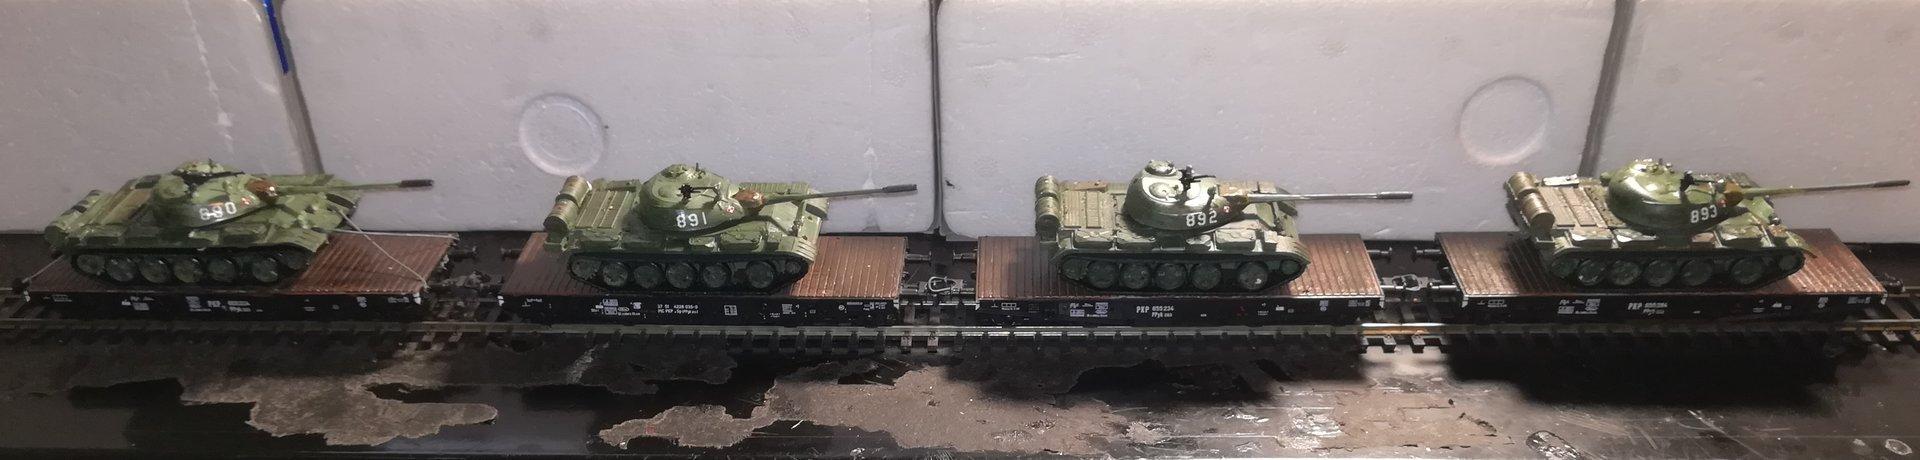 t-55_eszelon_4 wagony.jpg